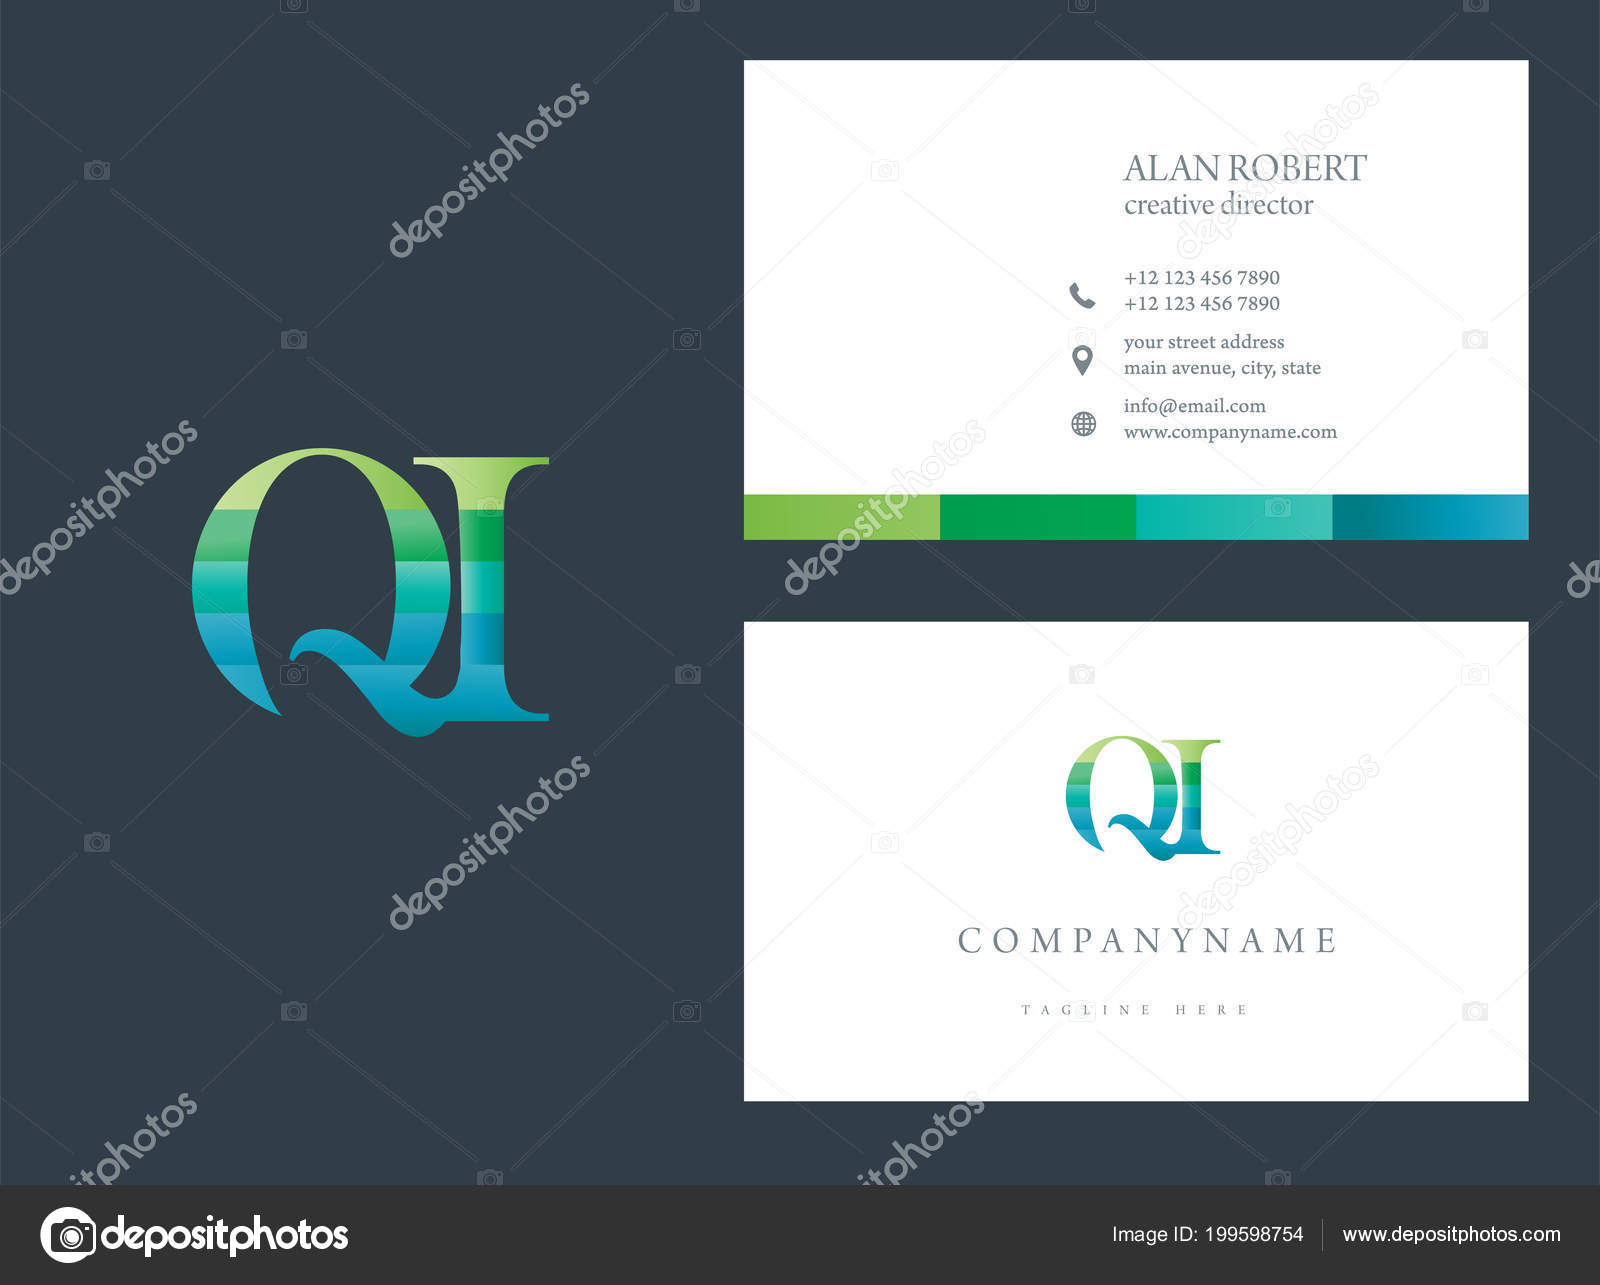 Modele Conception Carte Visite Logo Multicolore Image Vectorielle